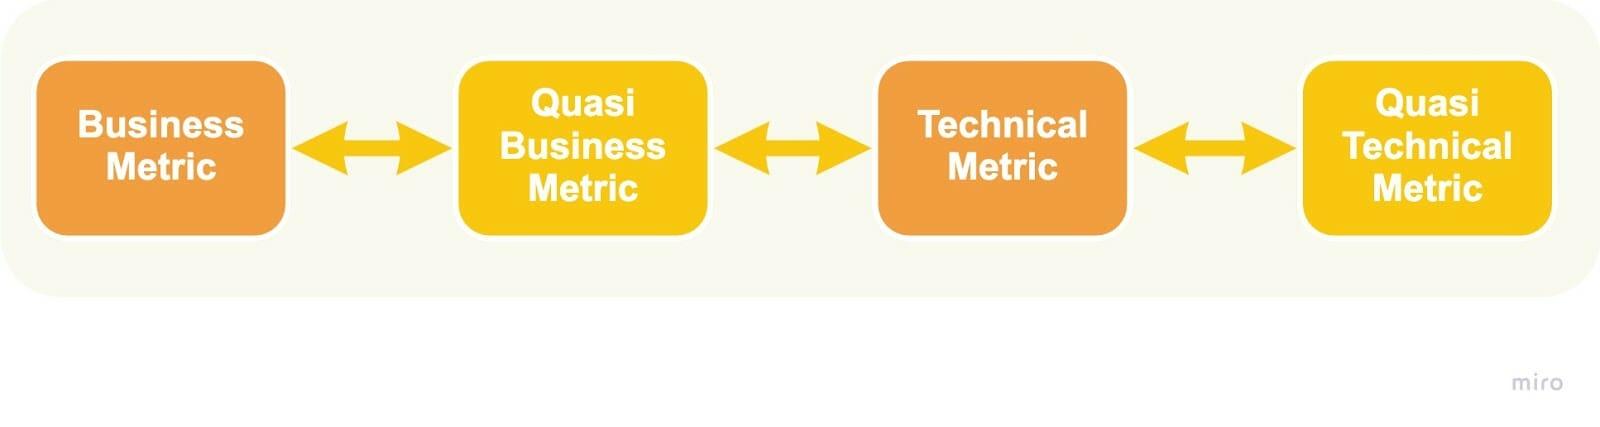 AI Metric-client journey